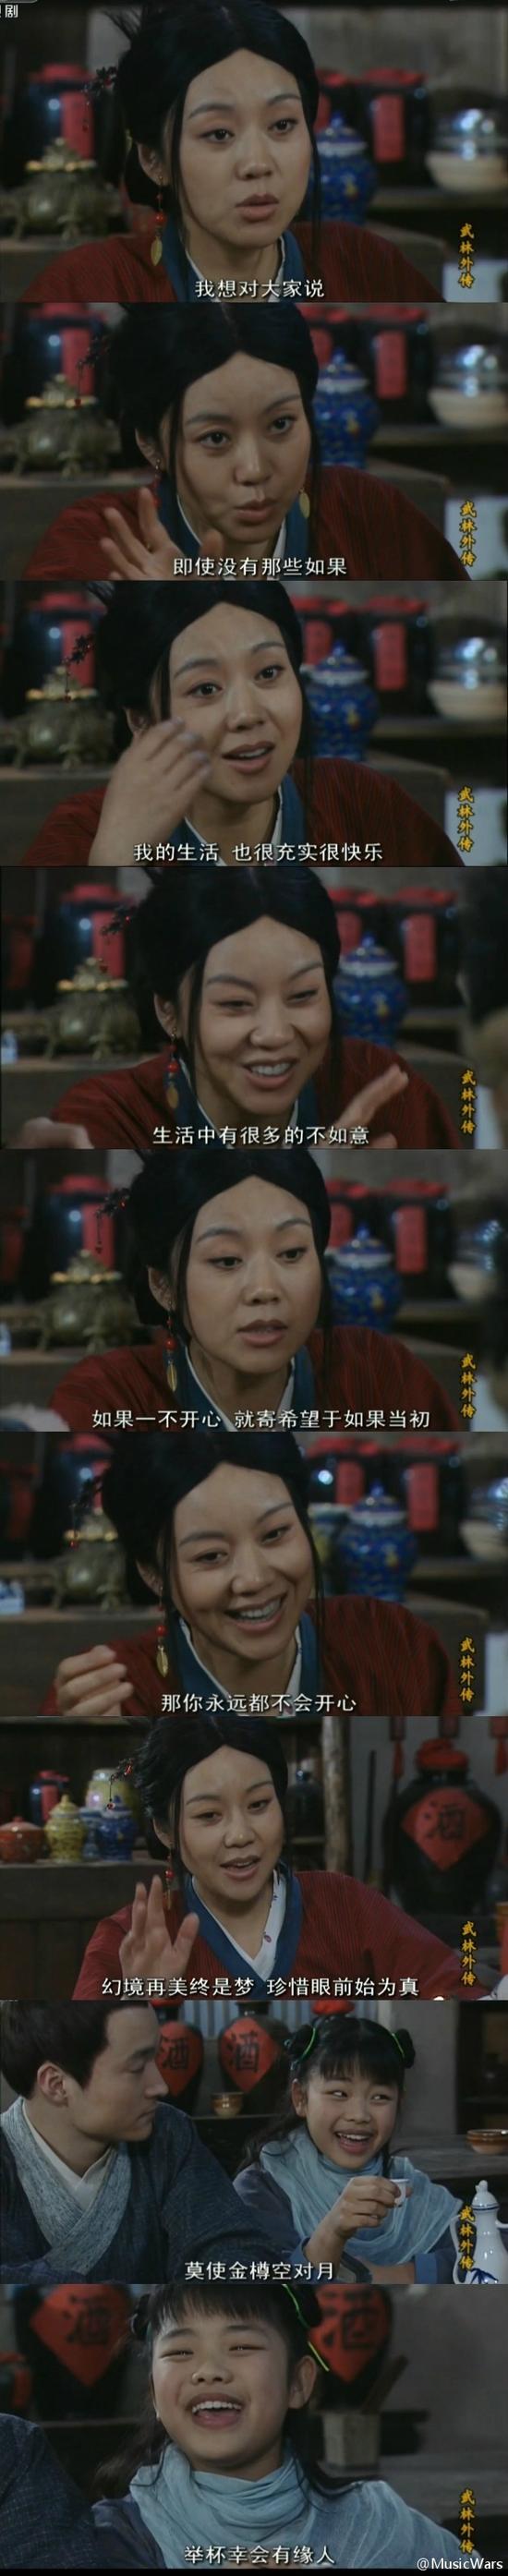 囧哥:有点强人所难了!北京监狱公众号中秋祝阖家团圆图片